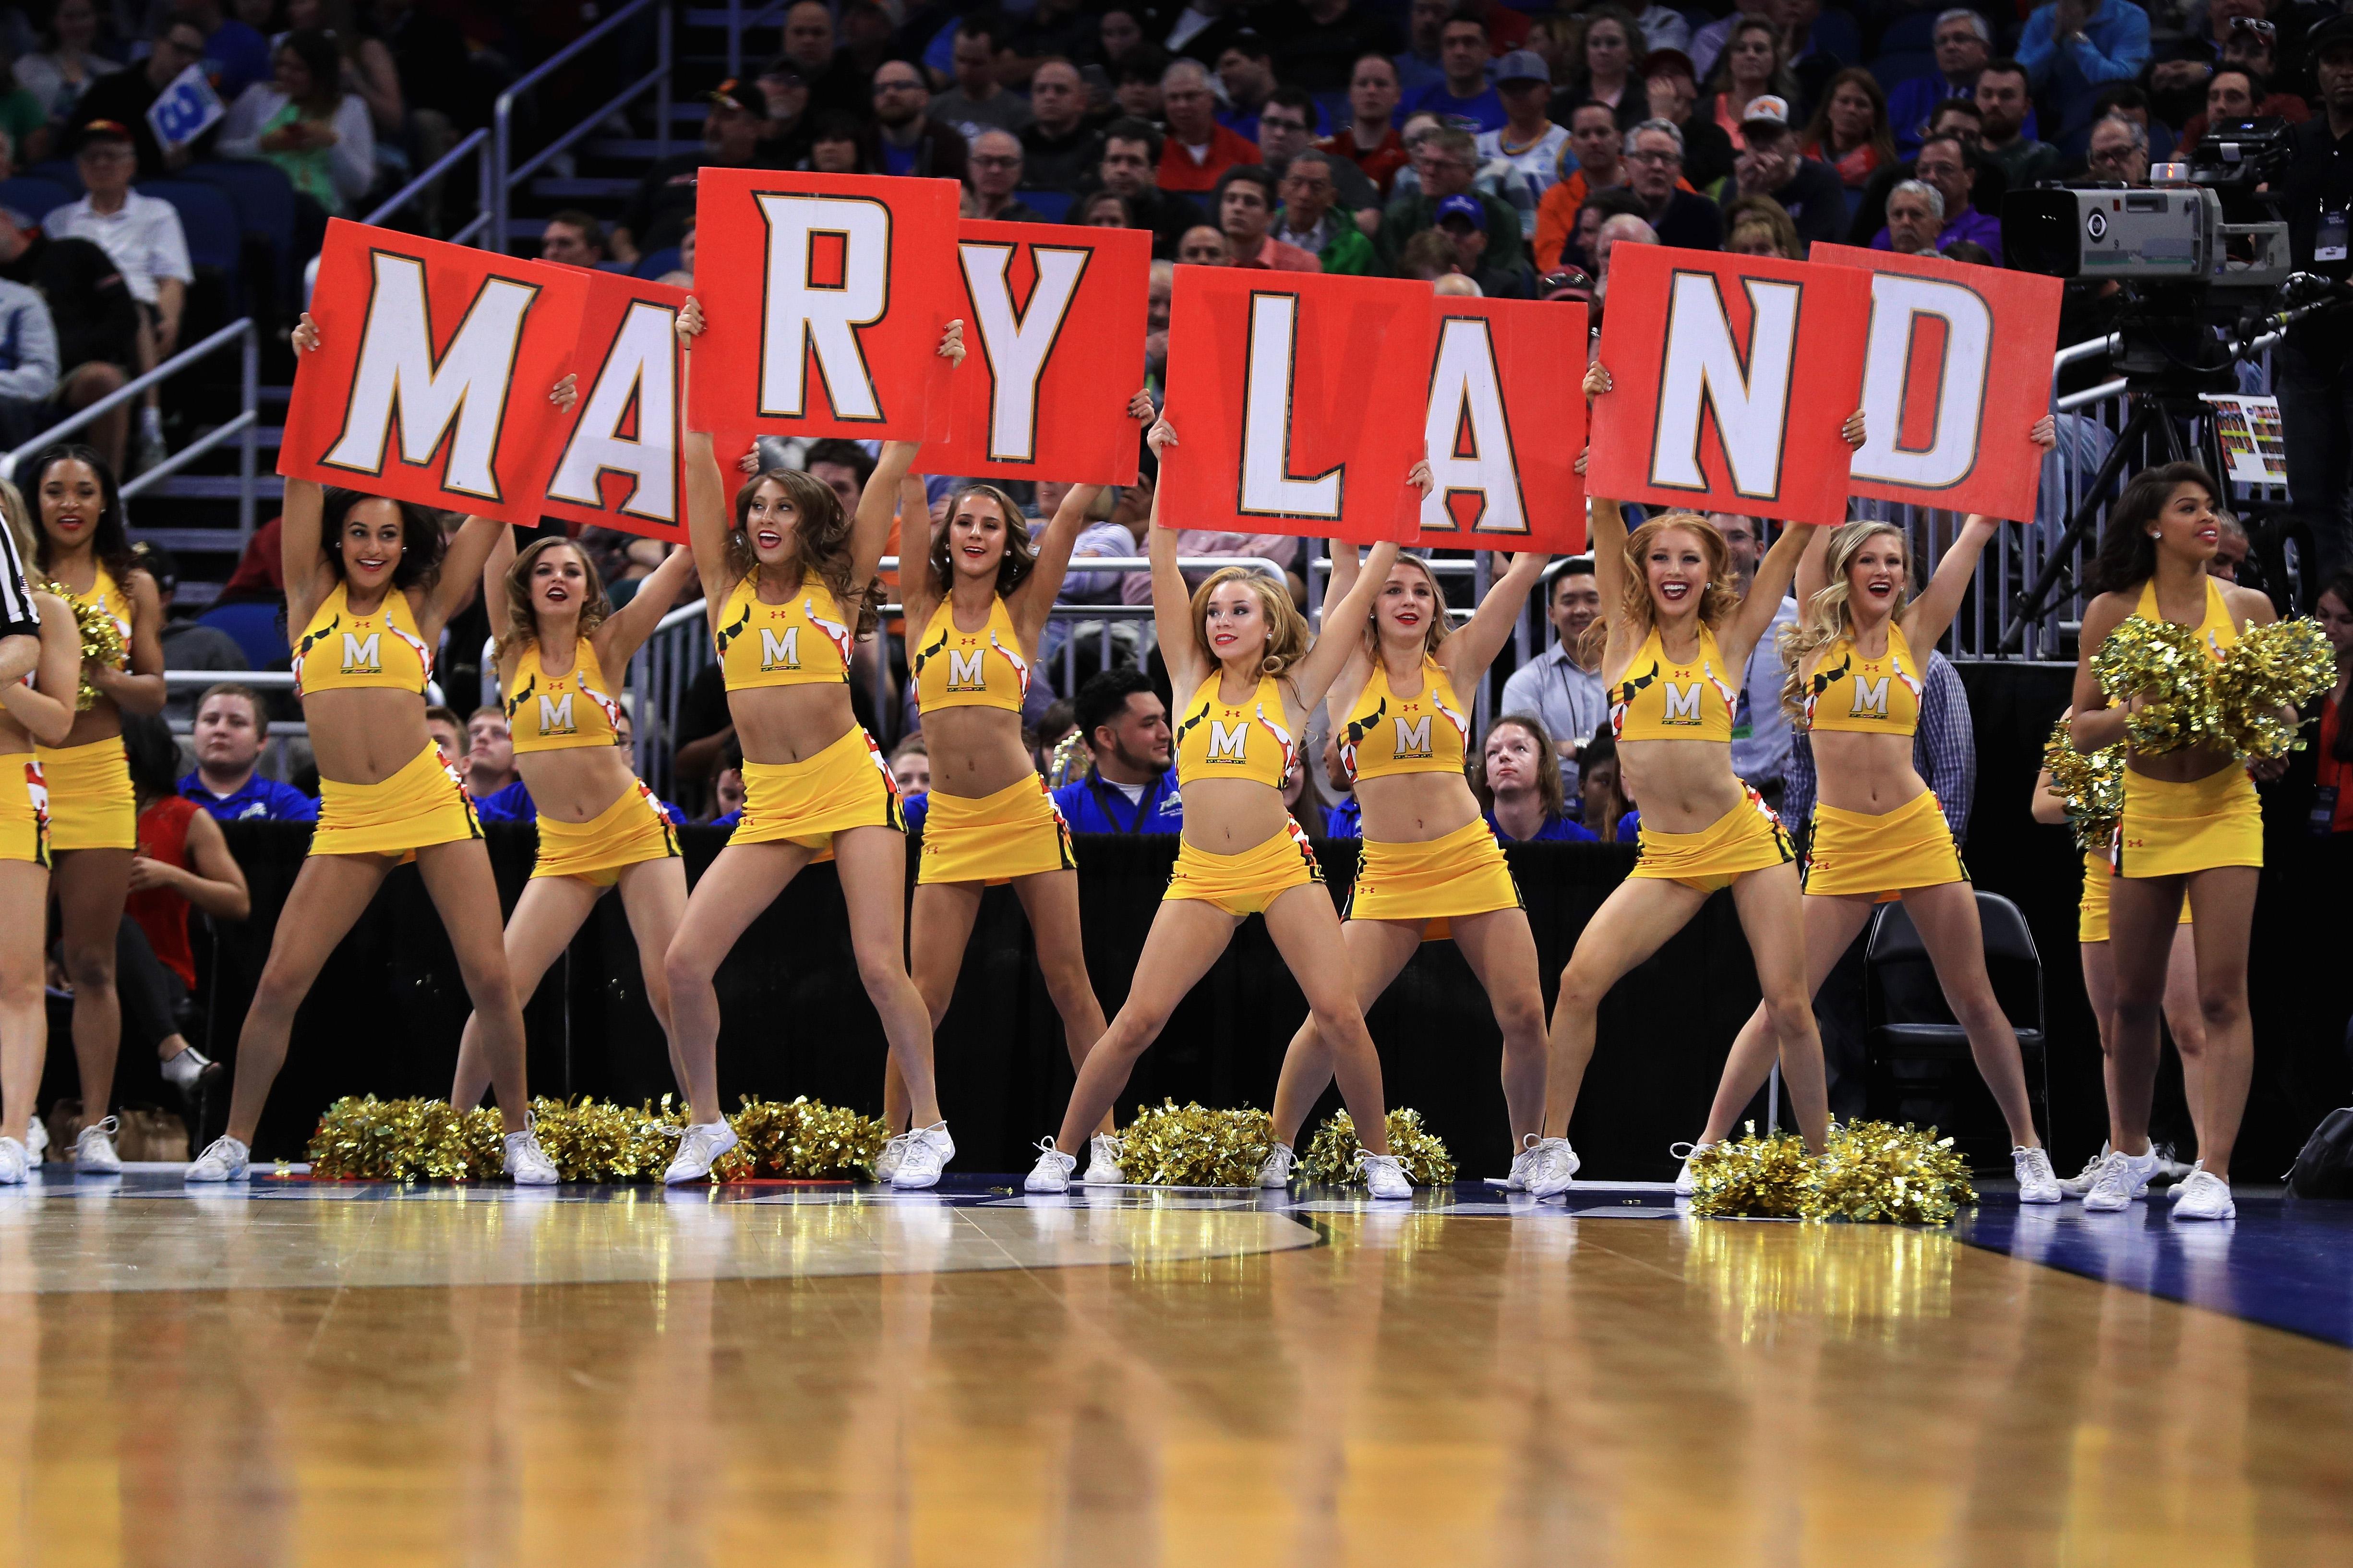 Xavier v Maryland